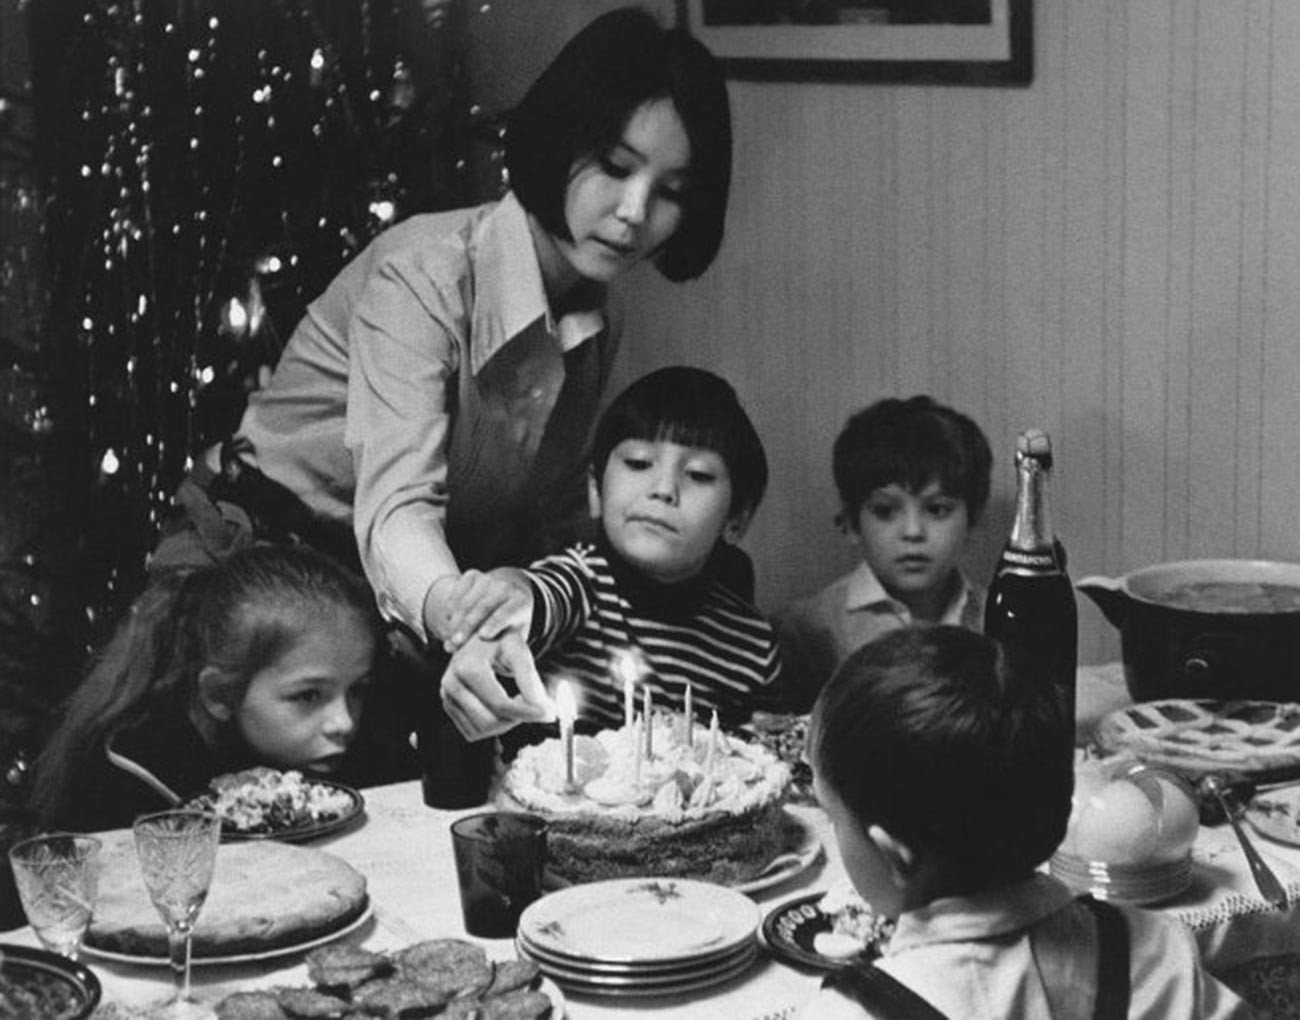 La fête d'anniversaire du futur réalisateur russe Egor Kontchalovski en 1972